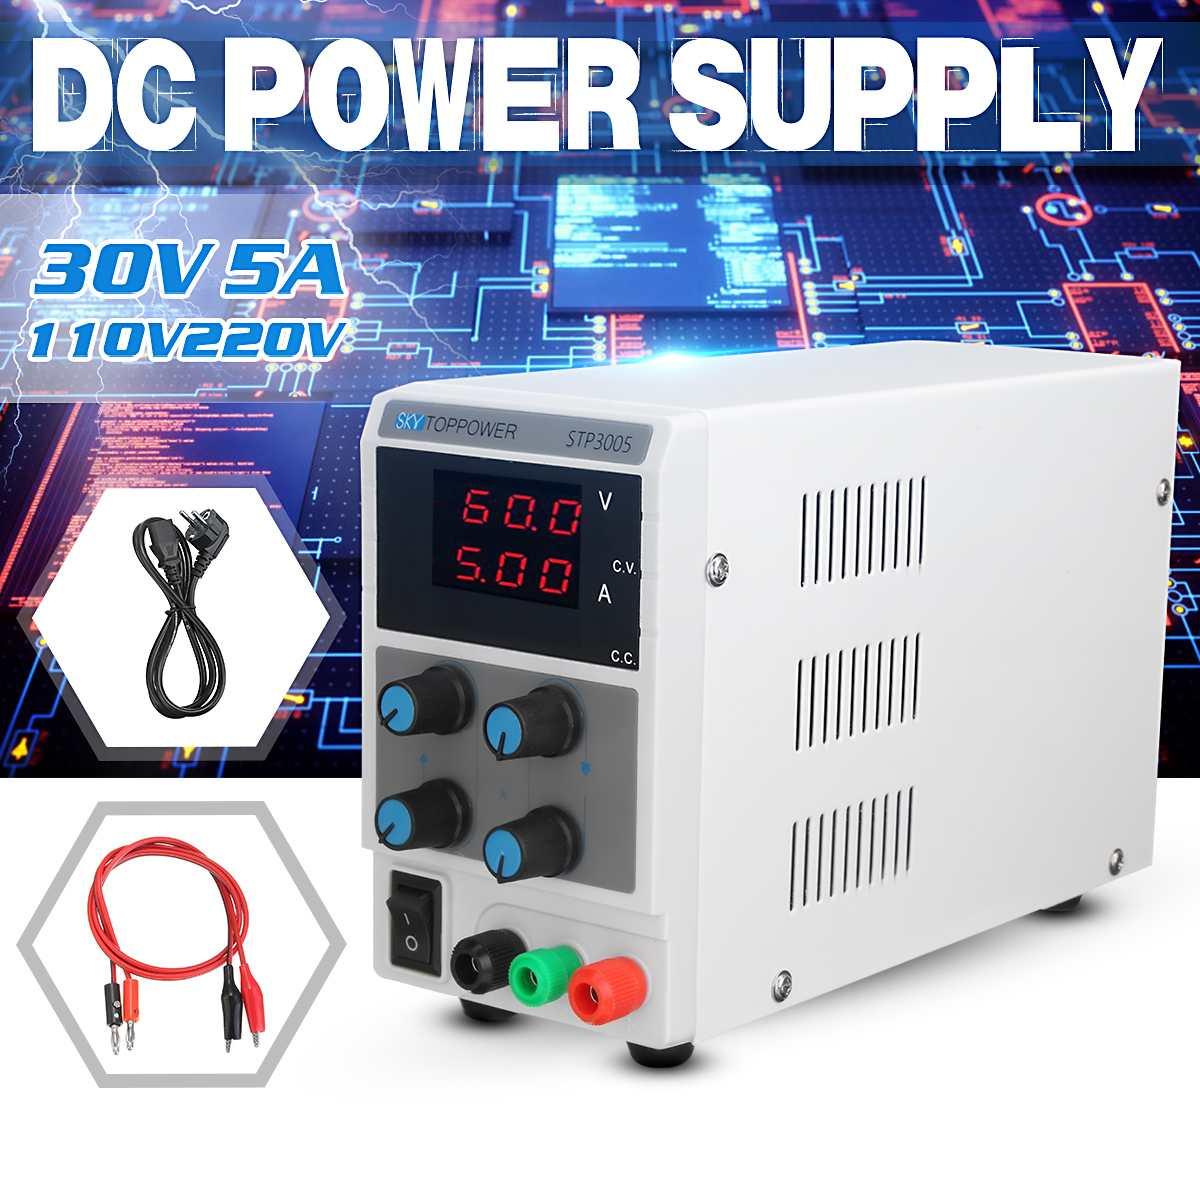 Régulateur de tension 30V 5A LED régulateur de commutation réglable PWM alimentation cc réparation pour ordinateur portable reprise 110 v-220 v